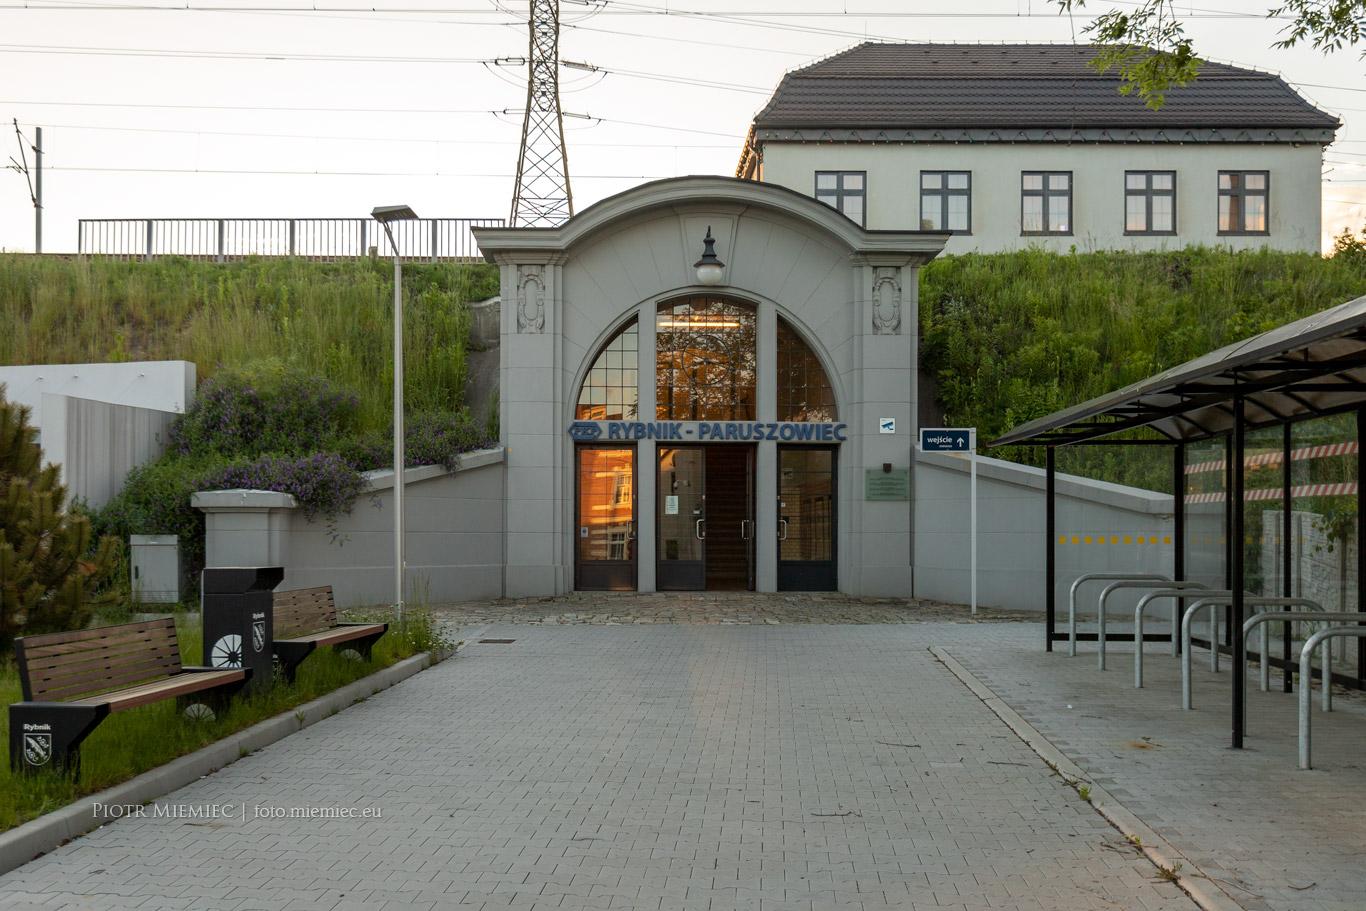 Dworzec Rybnik Paruszowiec – czerwiec 2020